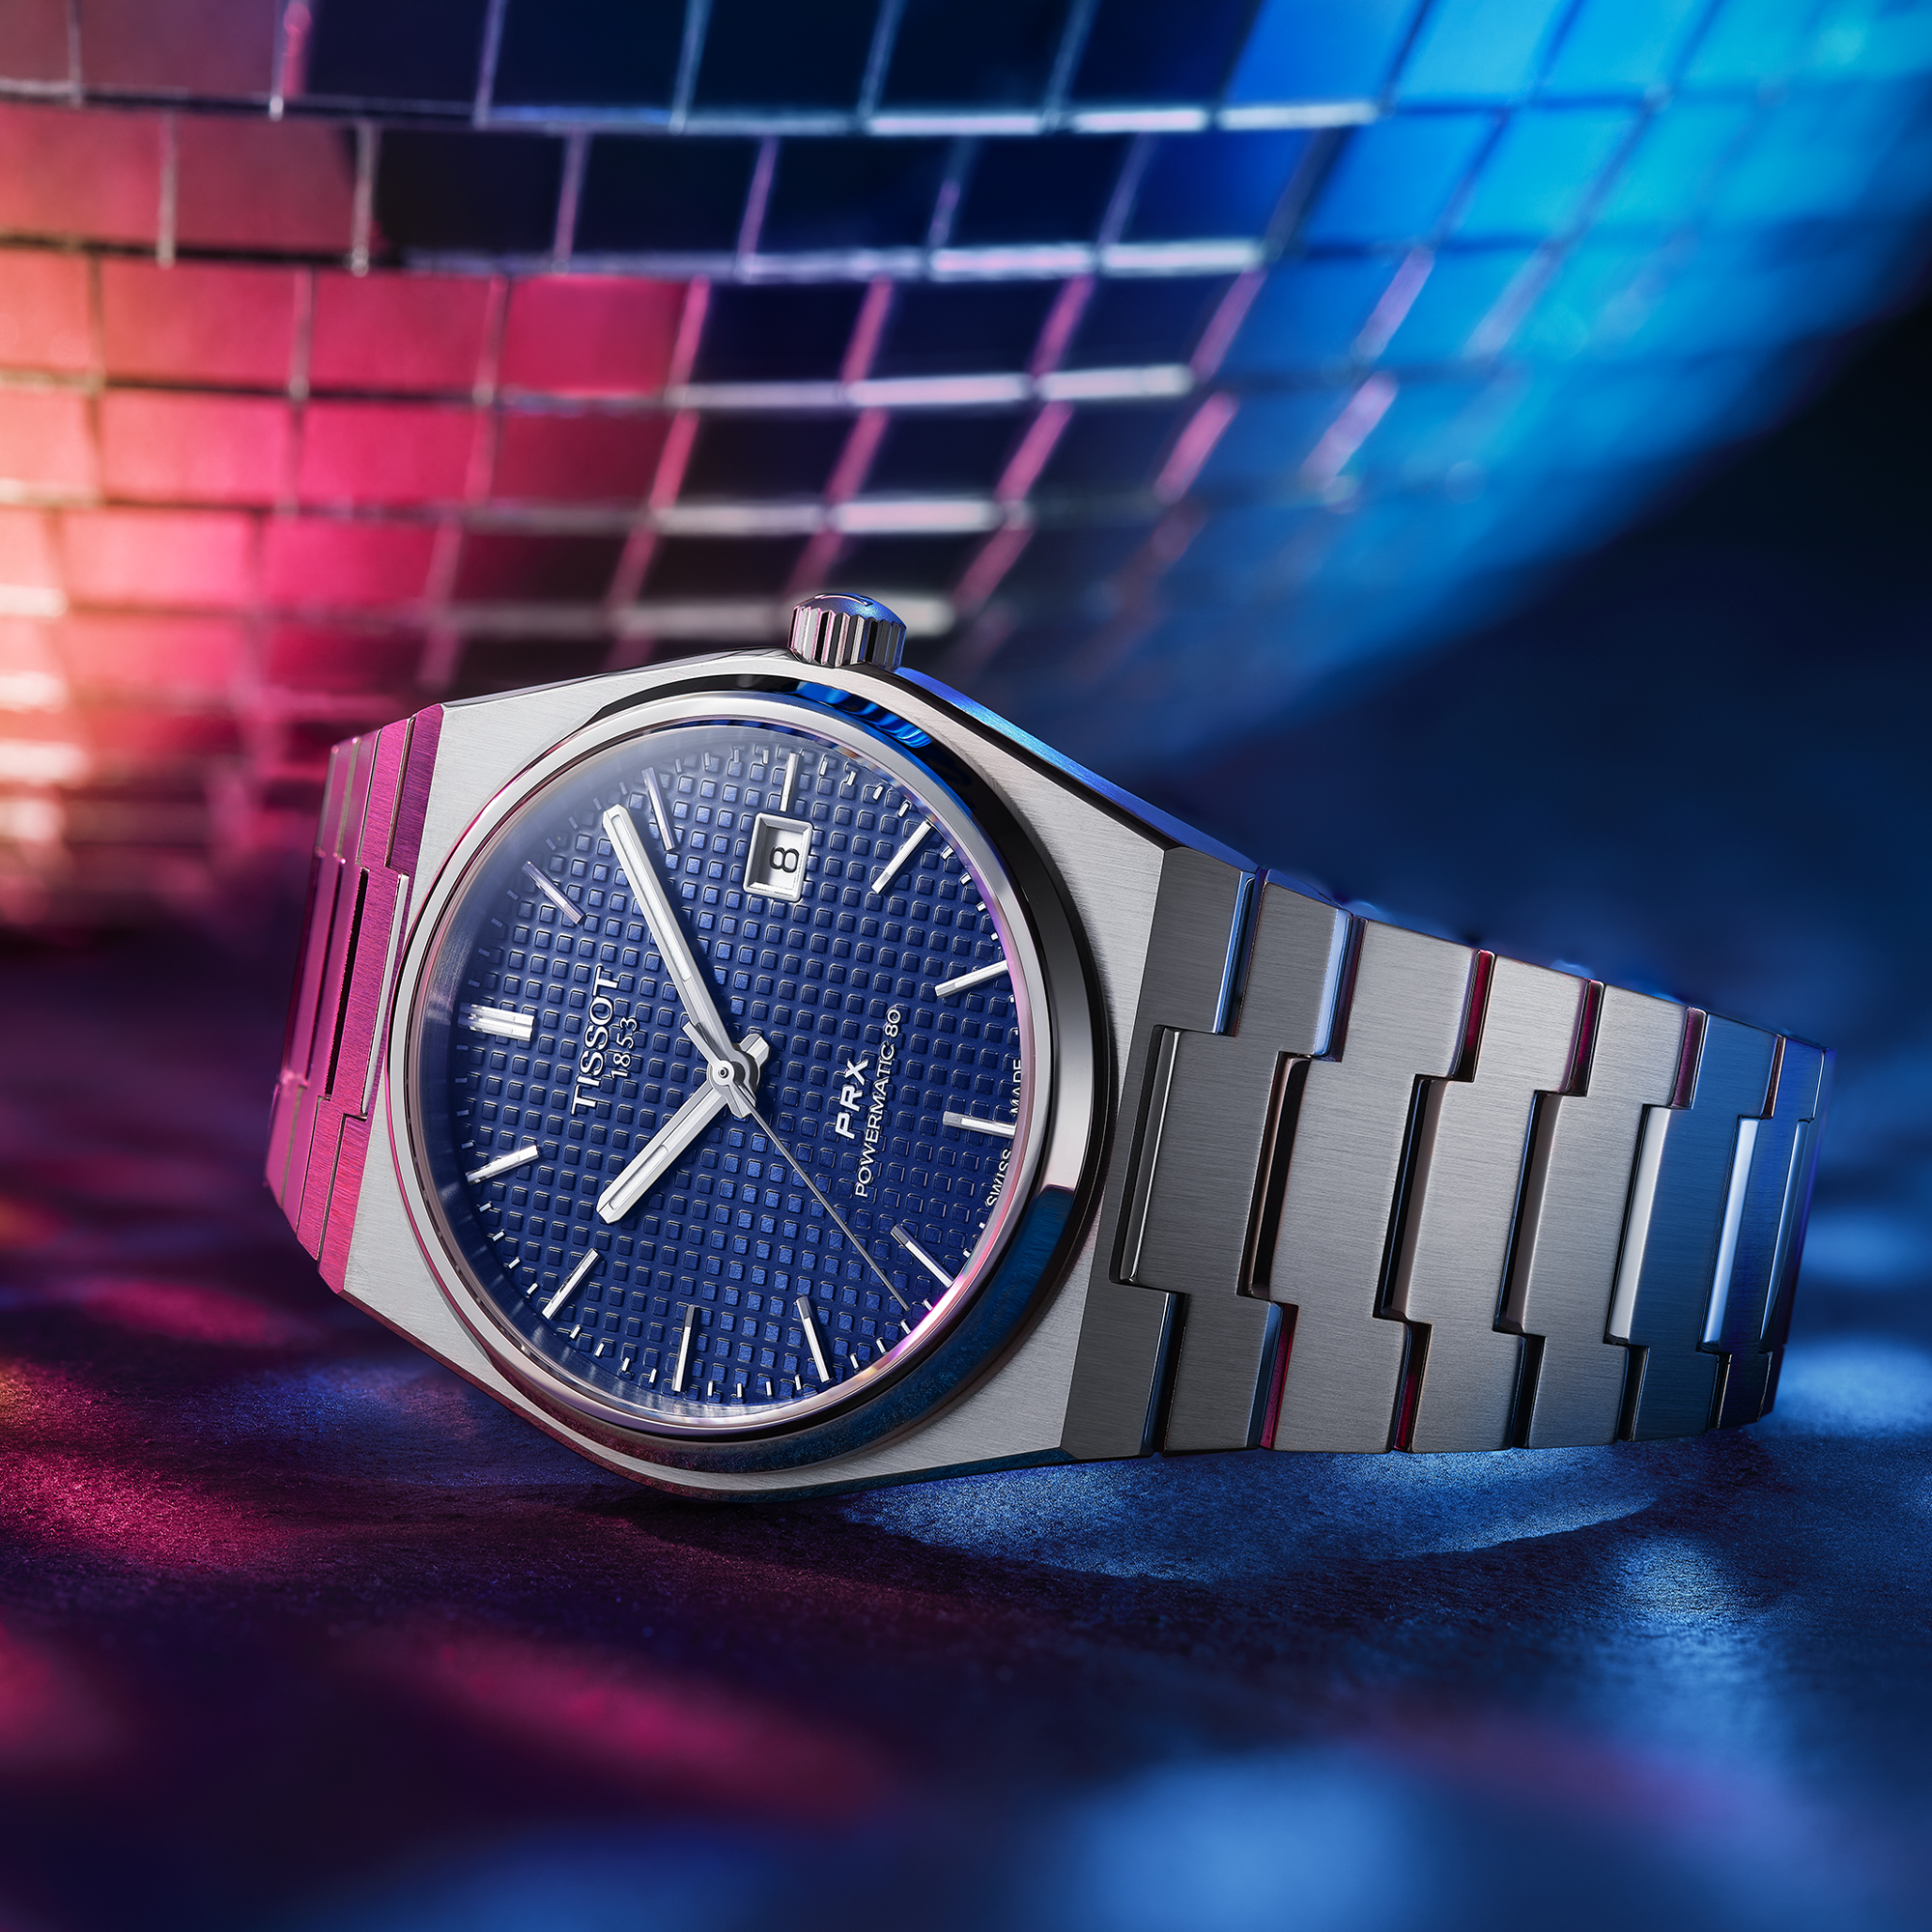 Une montre suisse branchée aux codes vintage et accessible : Tissot PRX